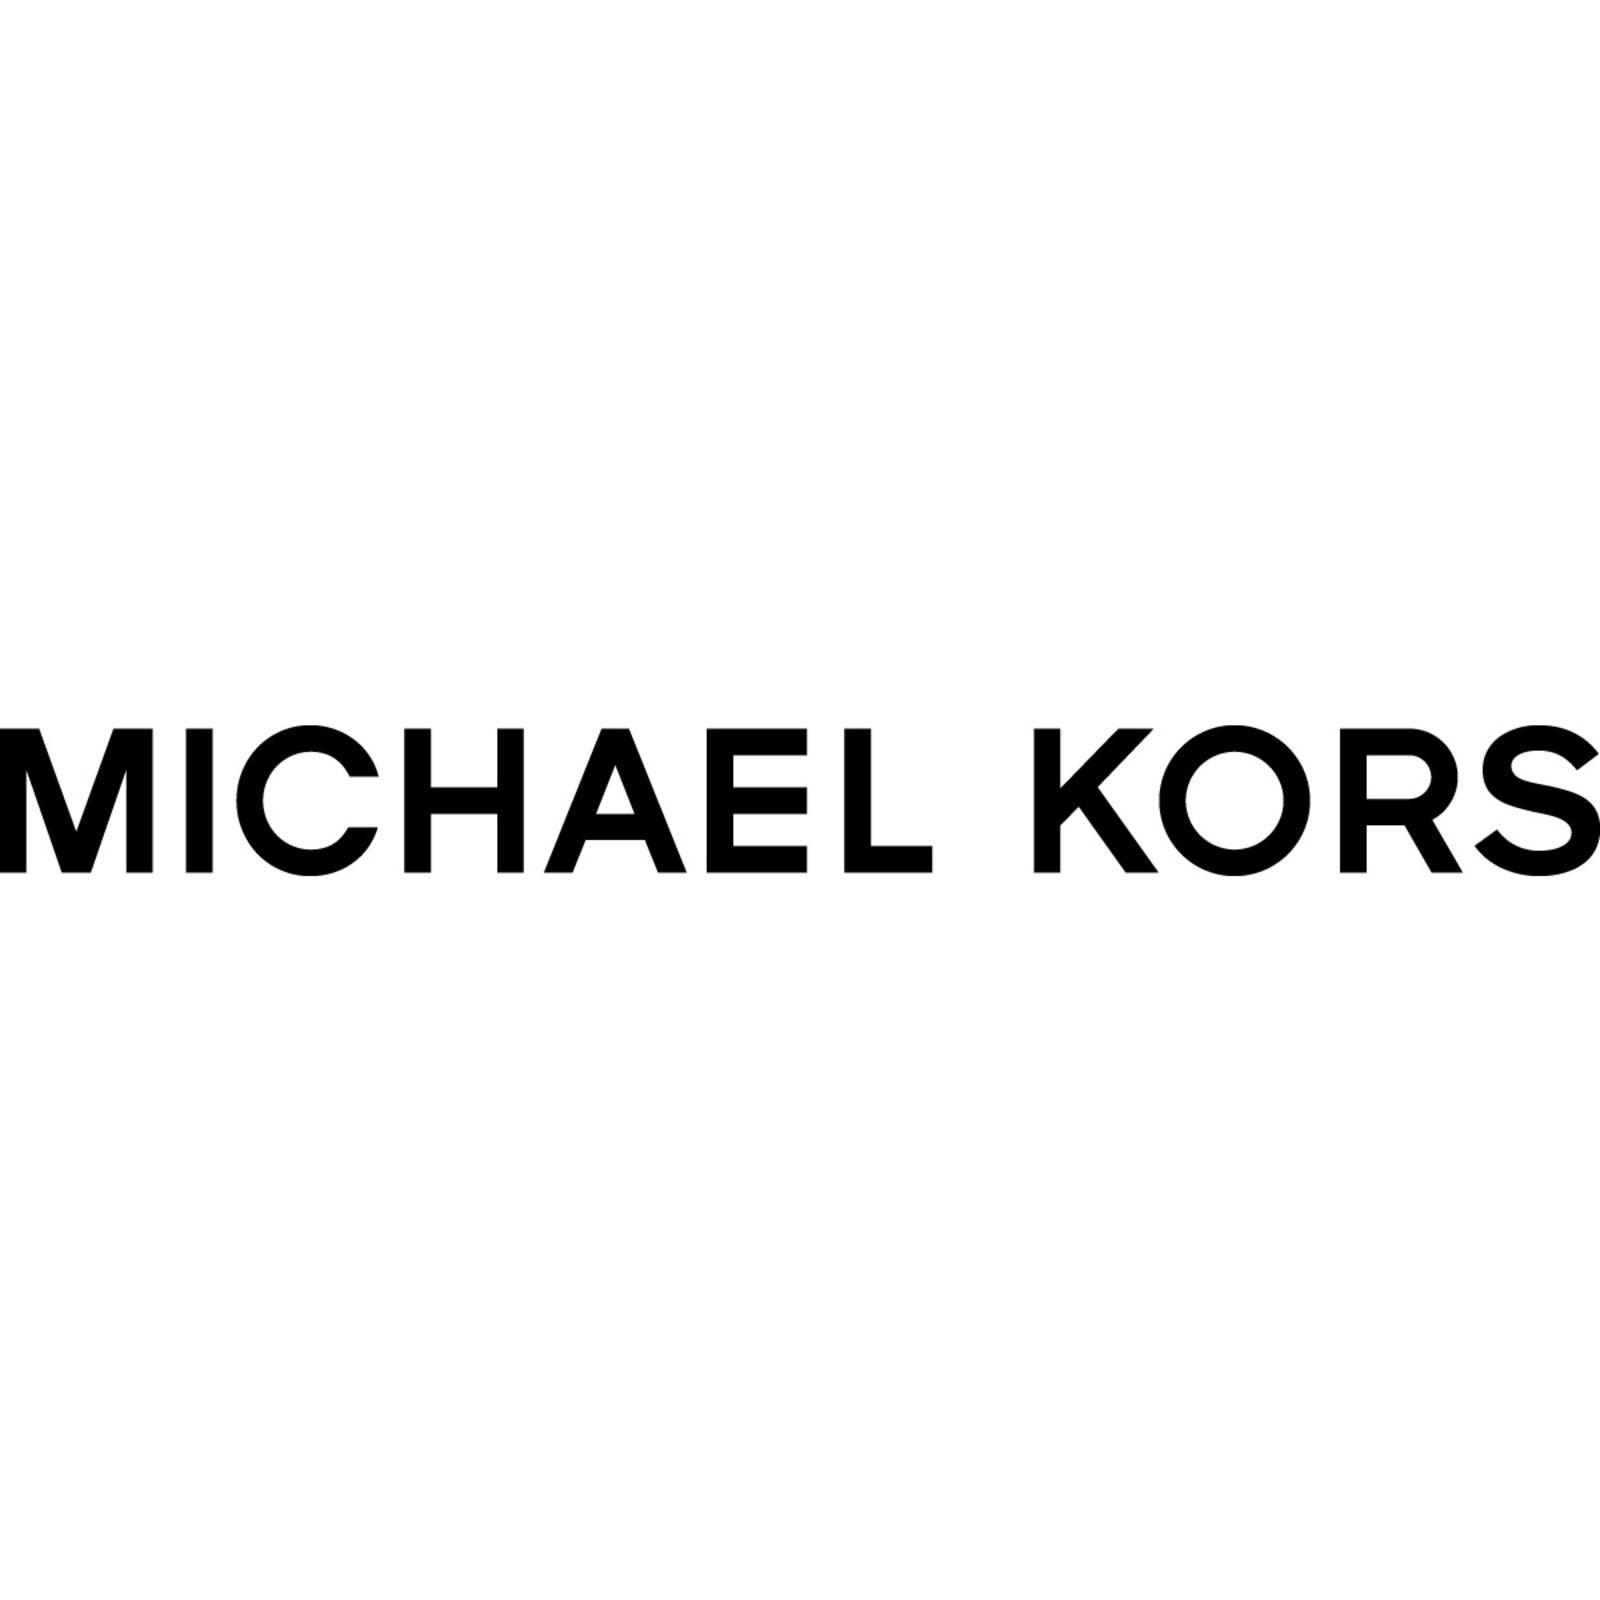 MICHAEL KORS Eyewear